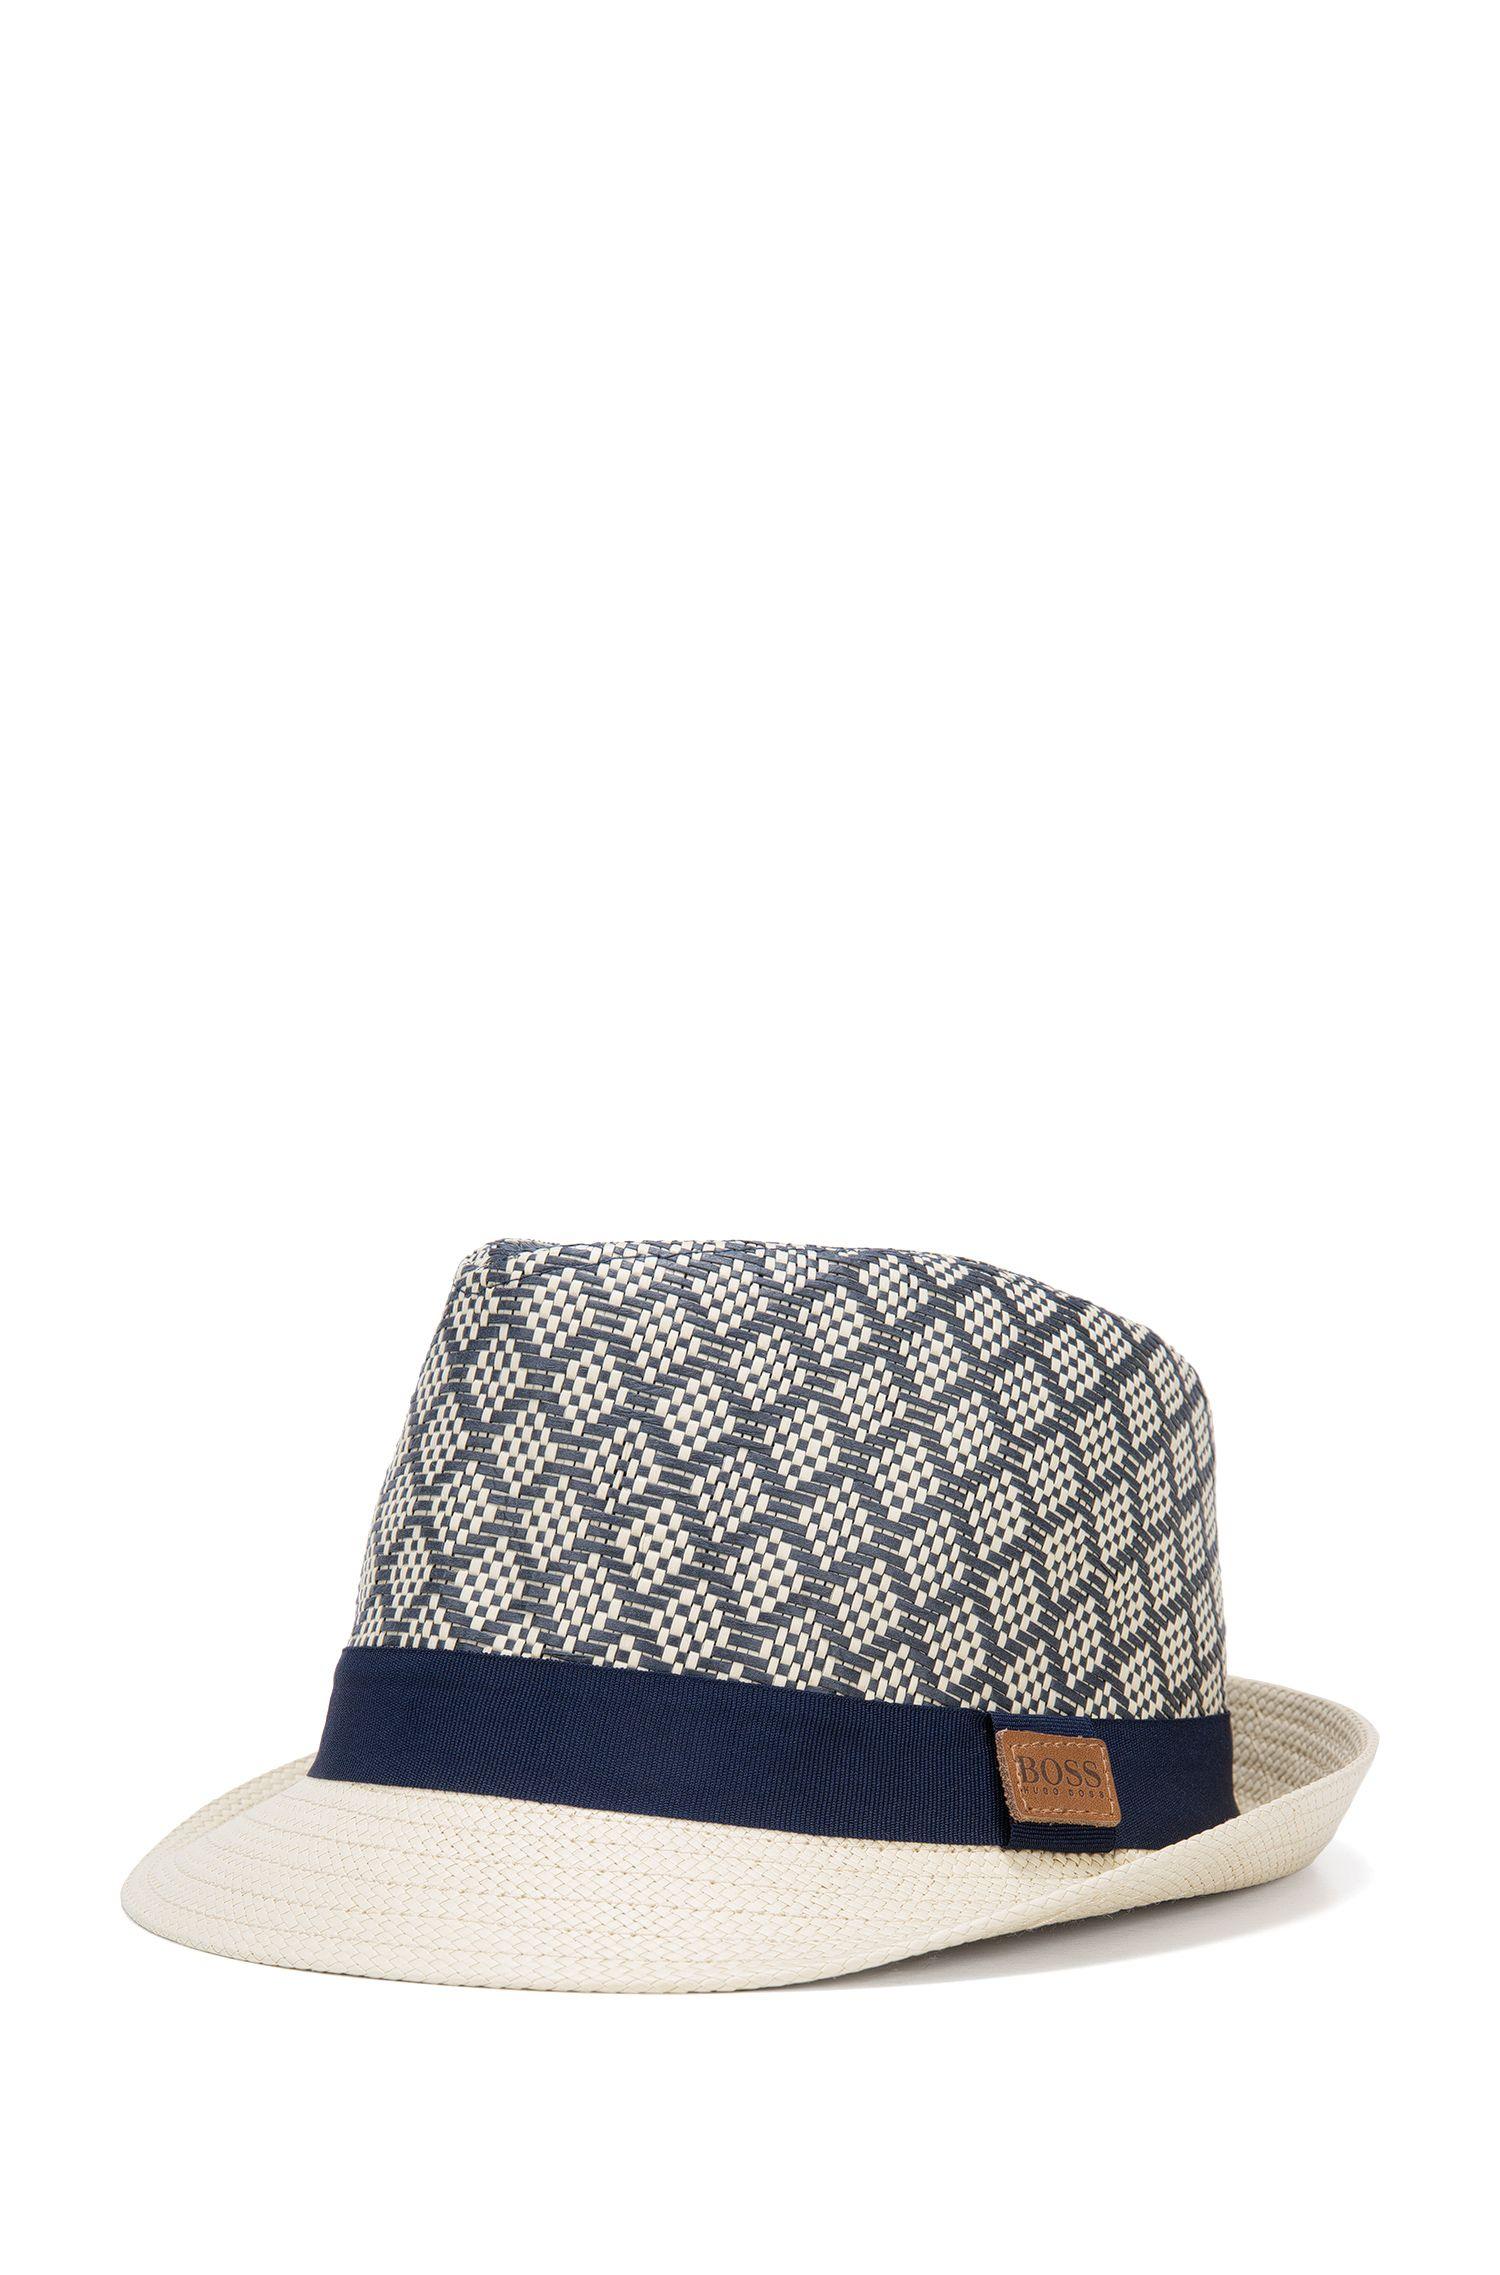 Kids-Hut aus Papierstroh mit Kontrast-Hutband: 'J21178'